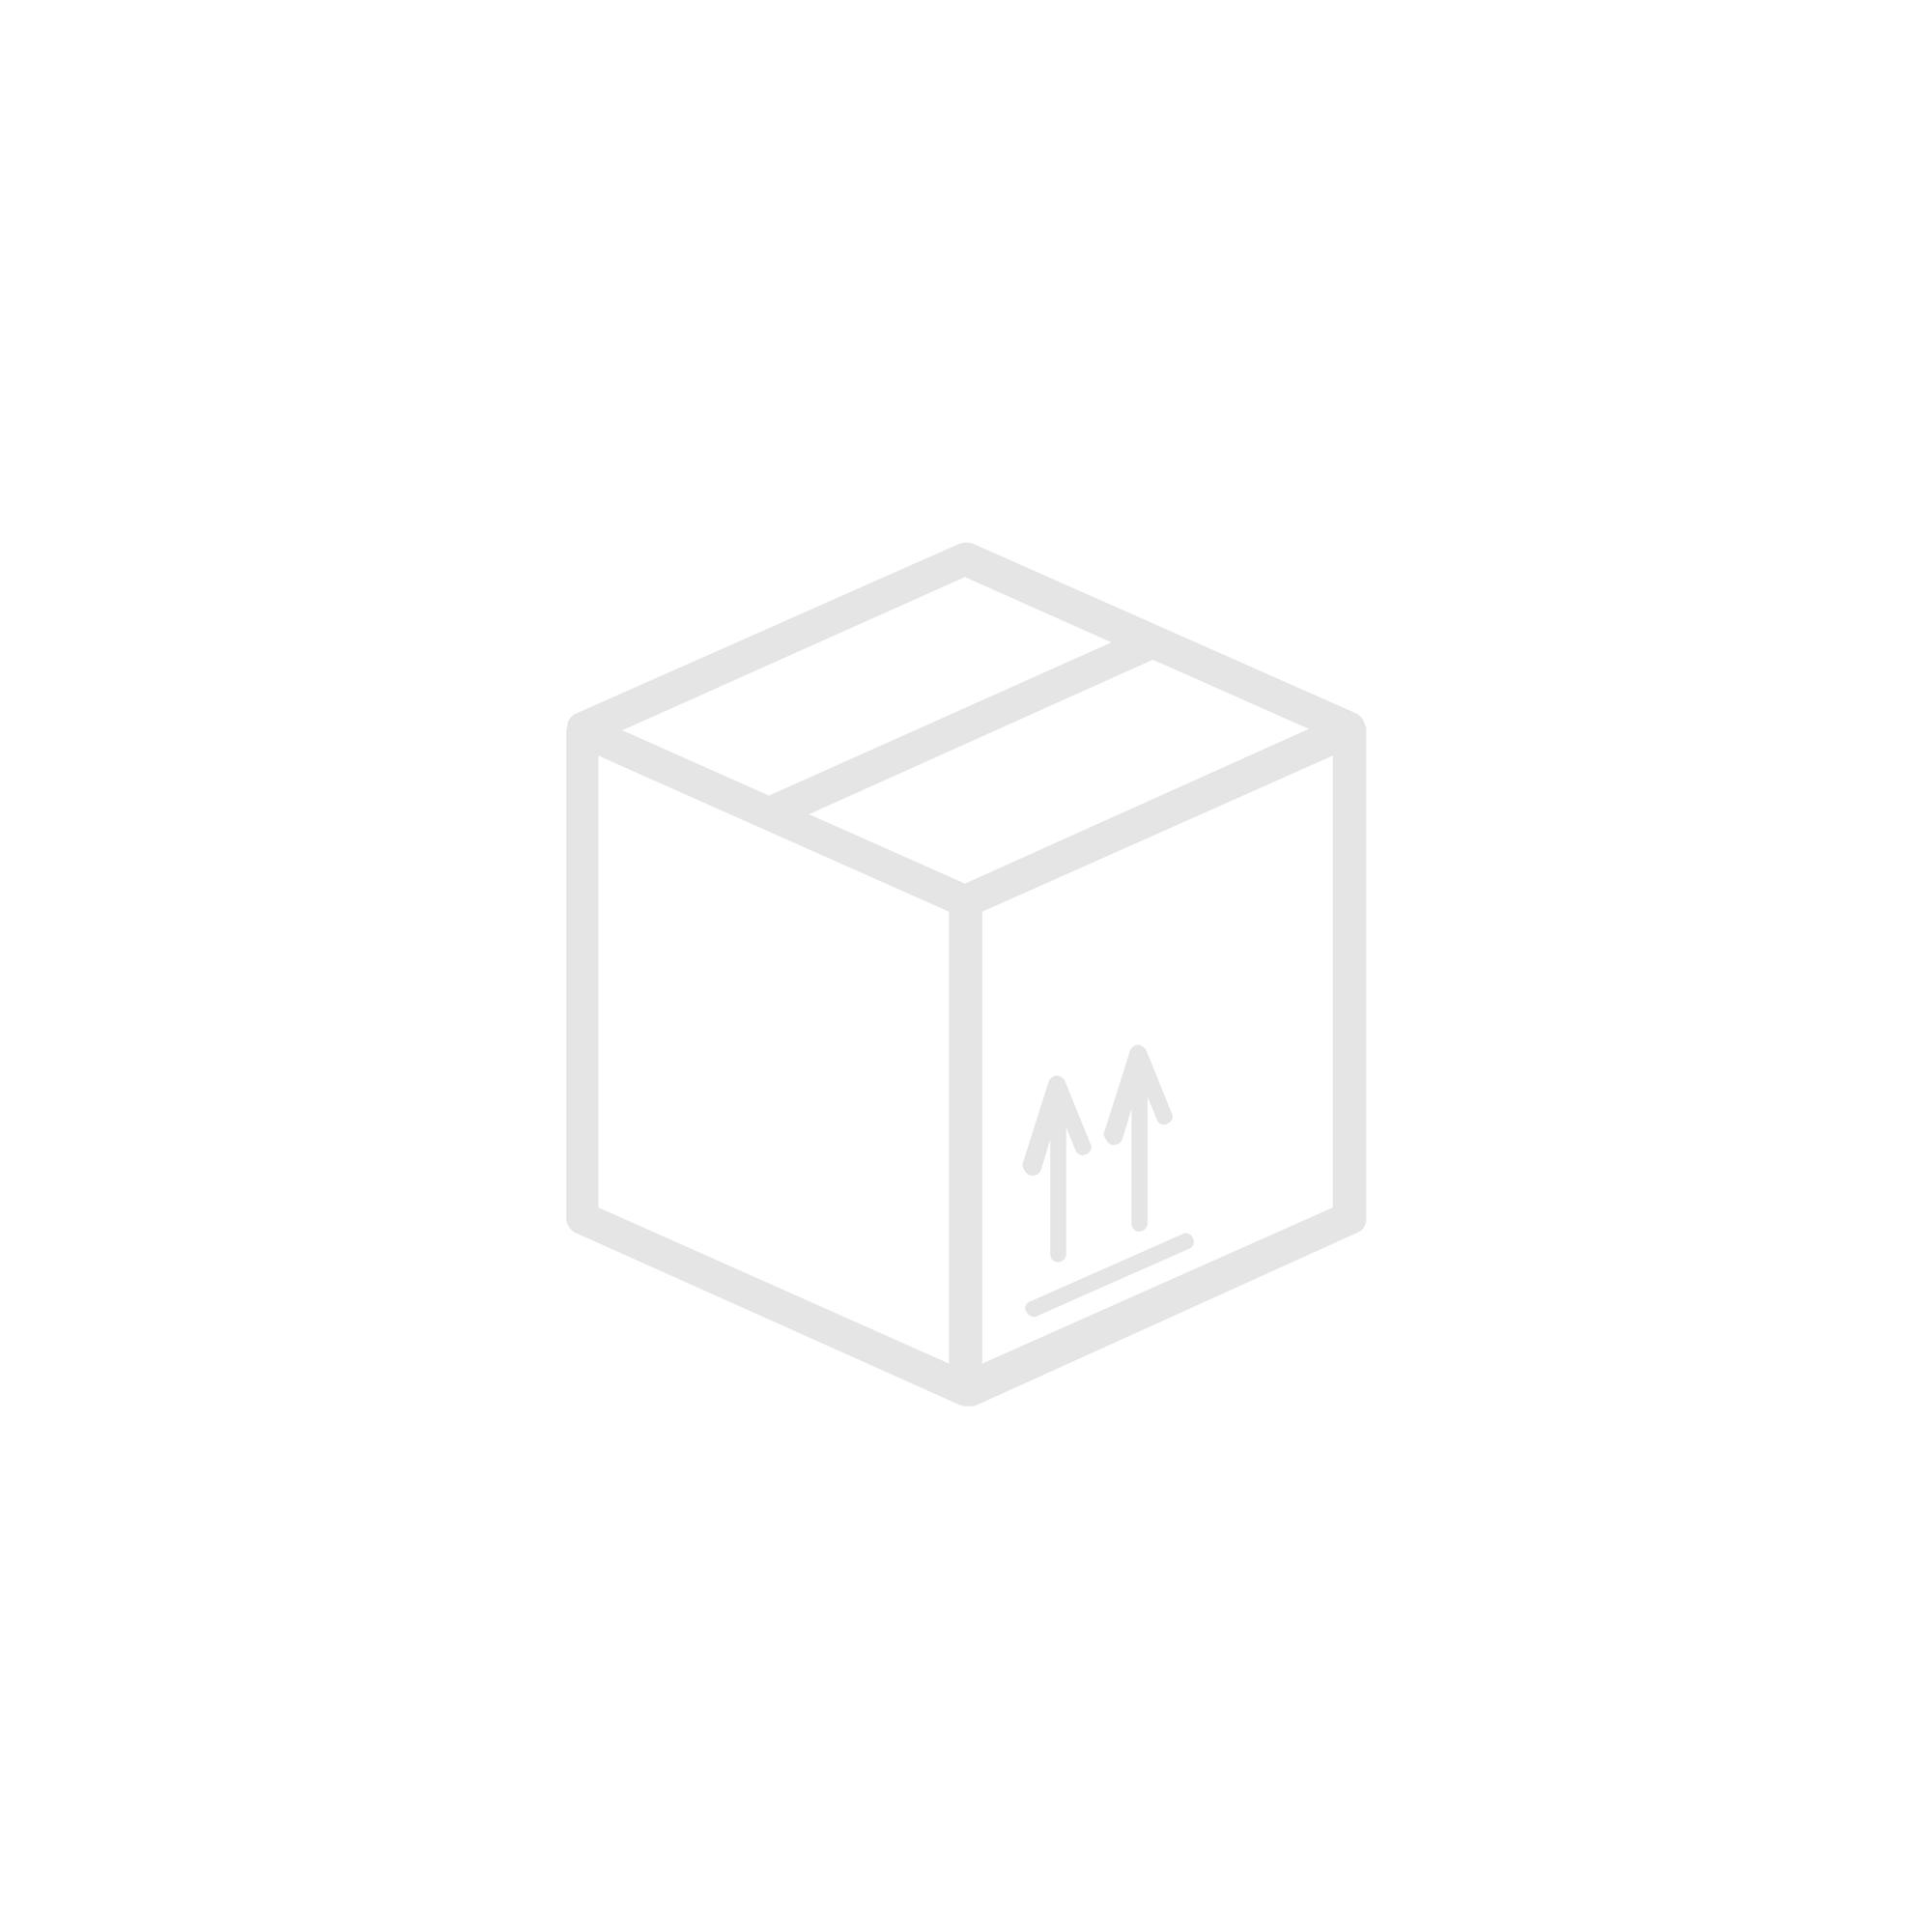 MCLED Svítidlo LED REVOS 2R 6W 4000K IP65